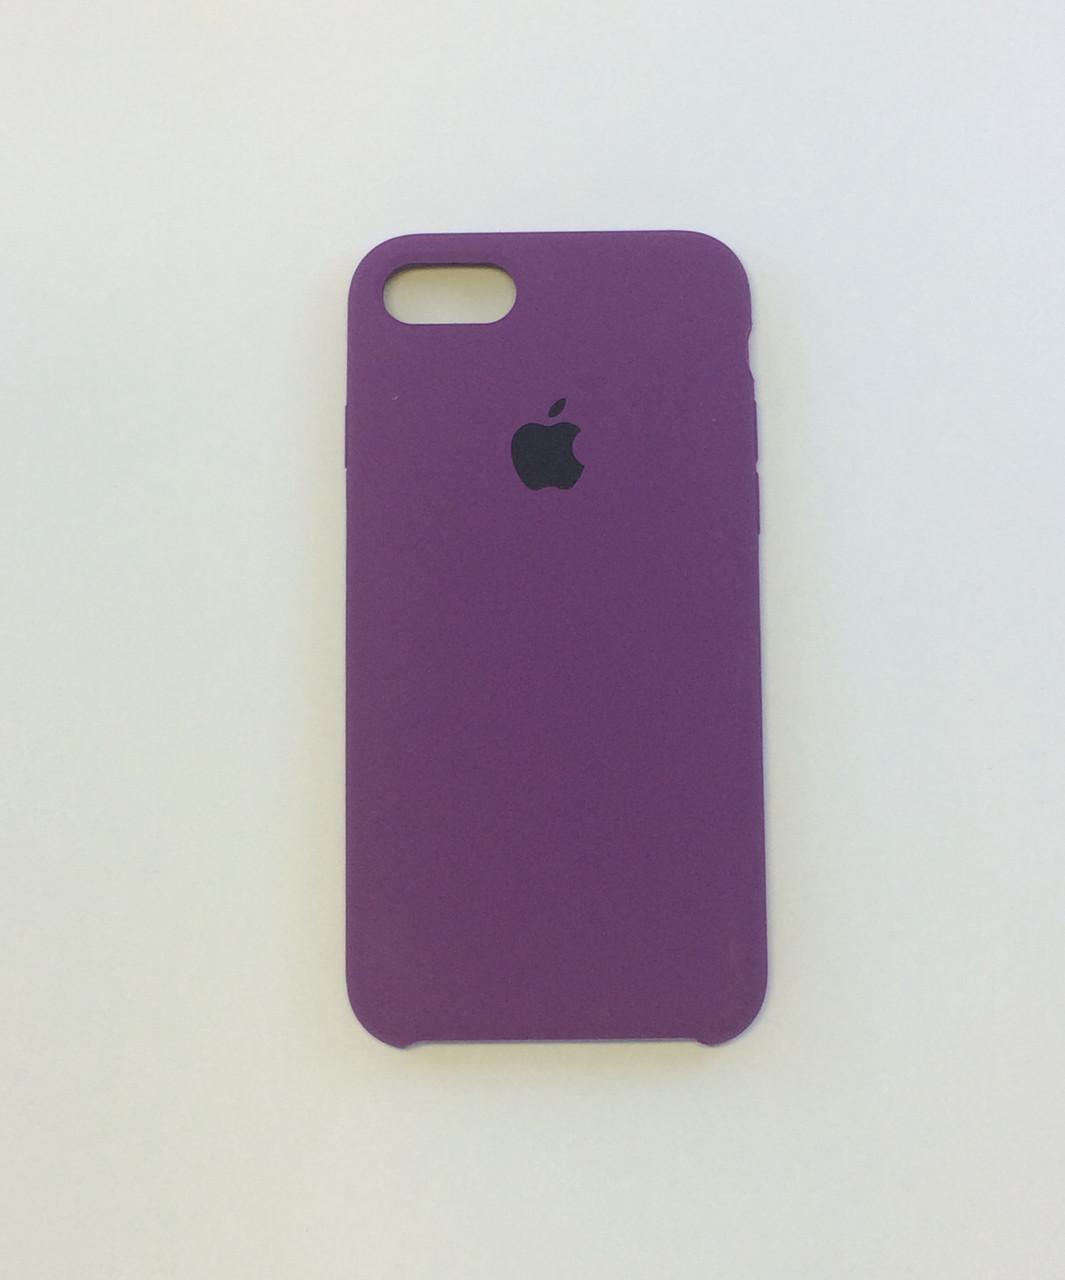 Силиконовый чехол для iPhone 7, - «пурпурный» - copy original